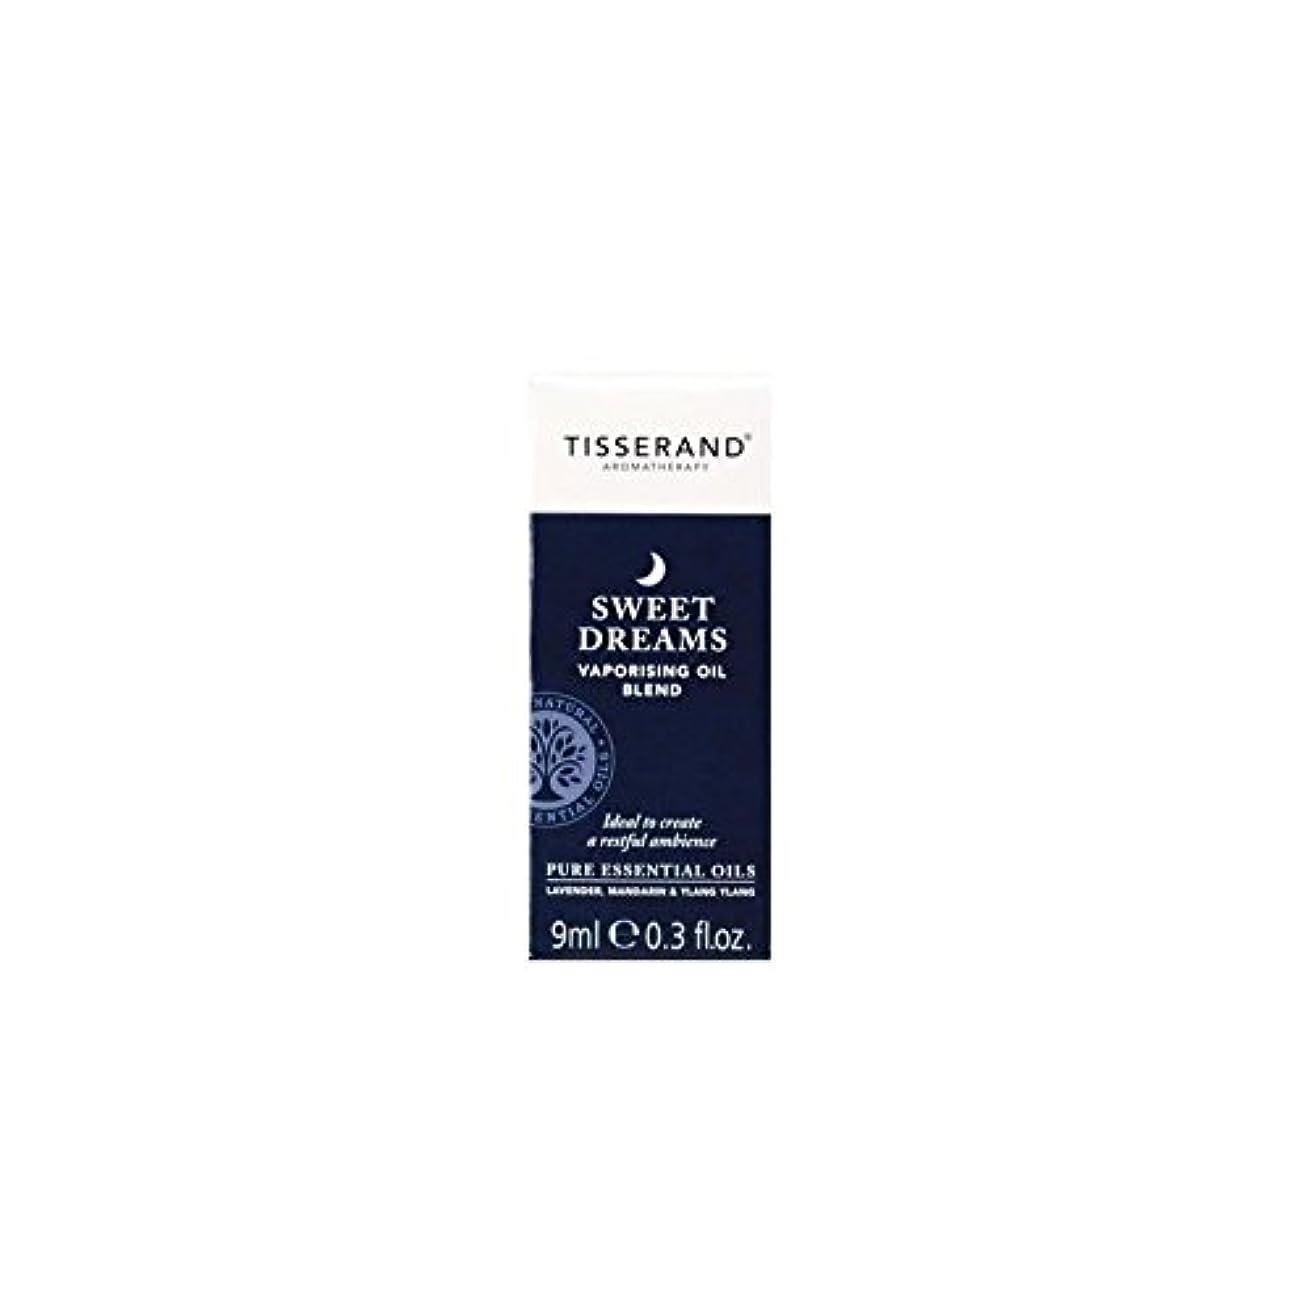 登録する申請中政治的オイル9ミリリットルを気化甘い夢 (Tisserand) (x 2) - Tisserand Sweet Dreams Vaporising Oil 9ml (Pack of 2) [並行輸入品]